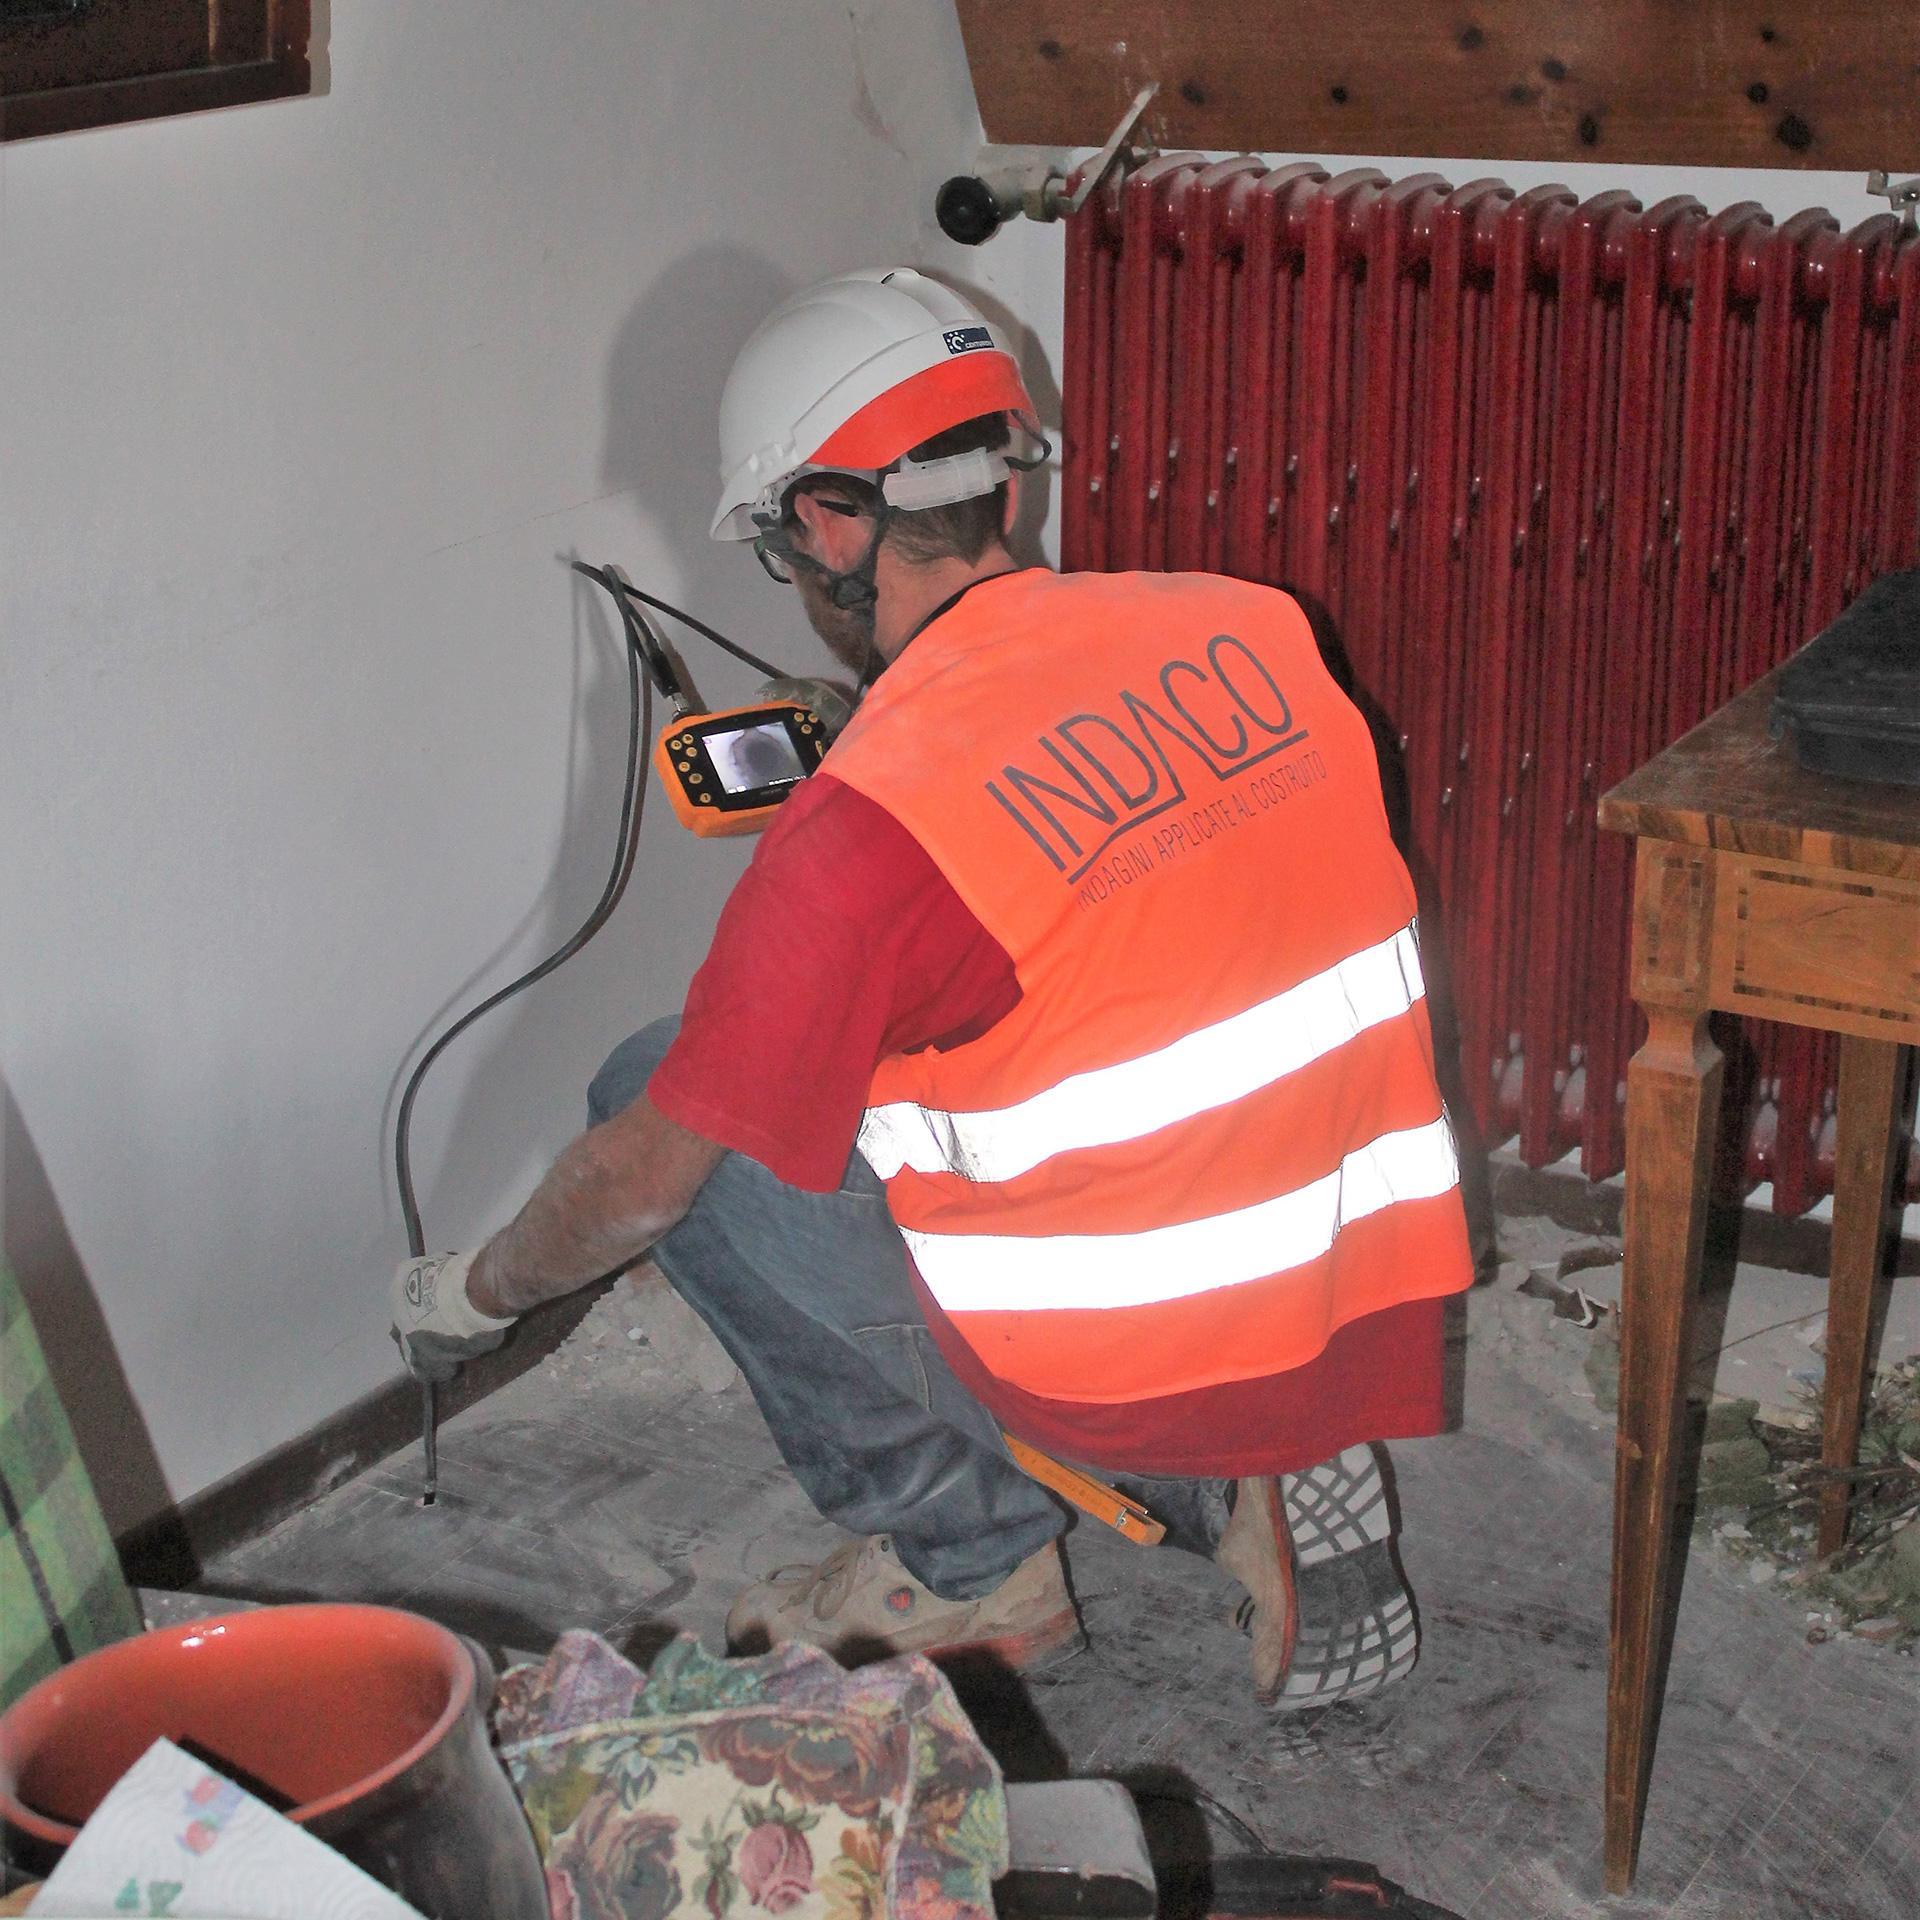 Prova con endoscopio sul solaio - Forca Canapine, Norcia (PG)